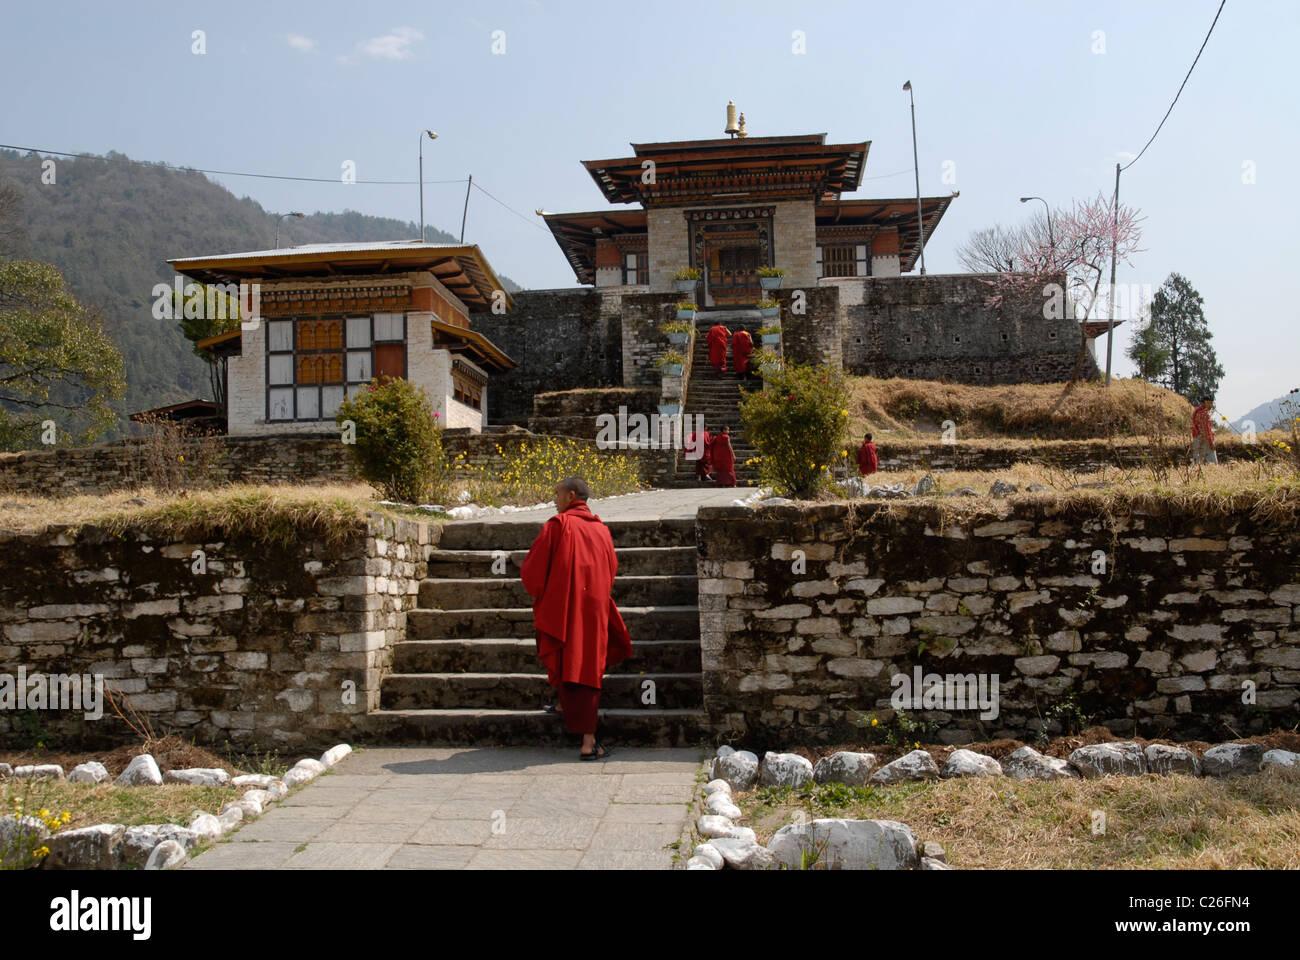 Moines à l'entrée du monastère, à l'Est, le Bhoutan Trashi Yangtse Photo Stock